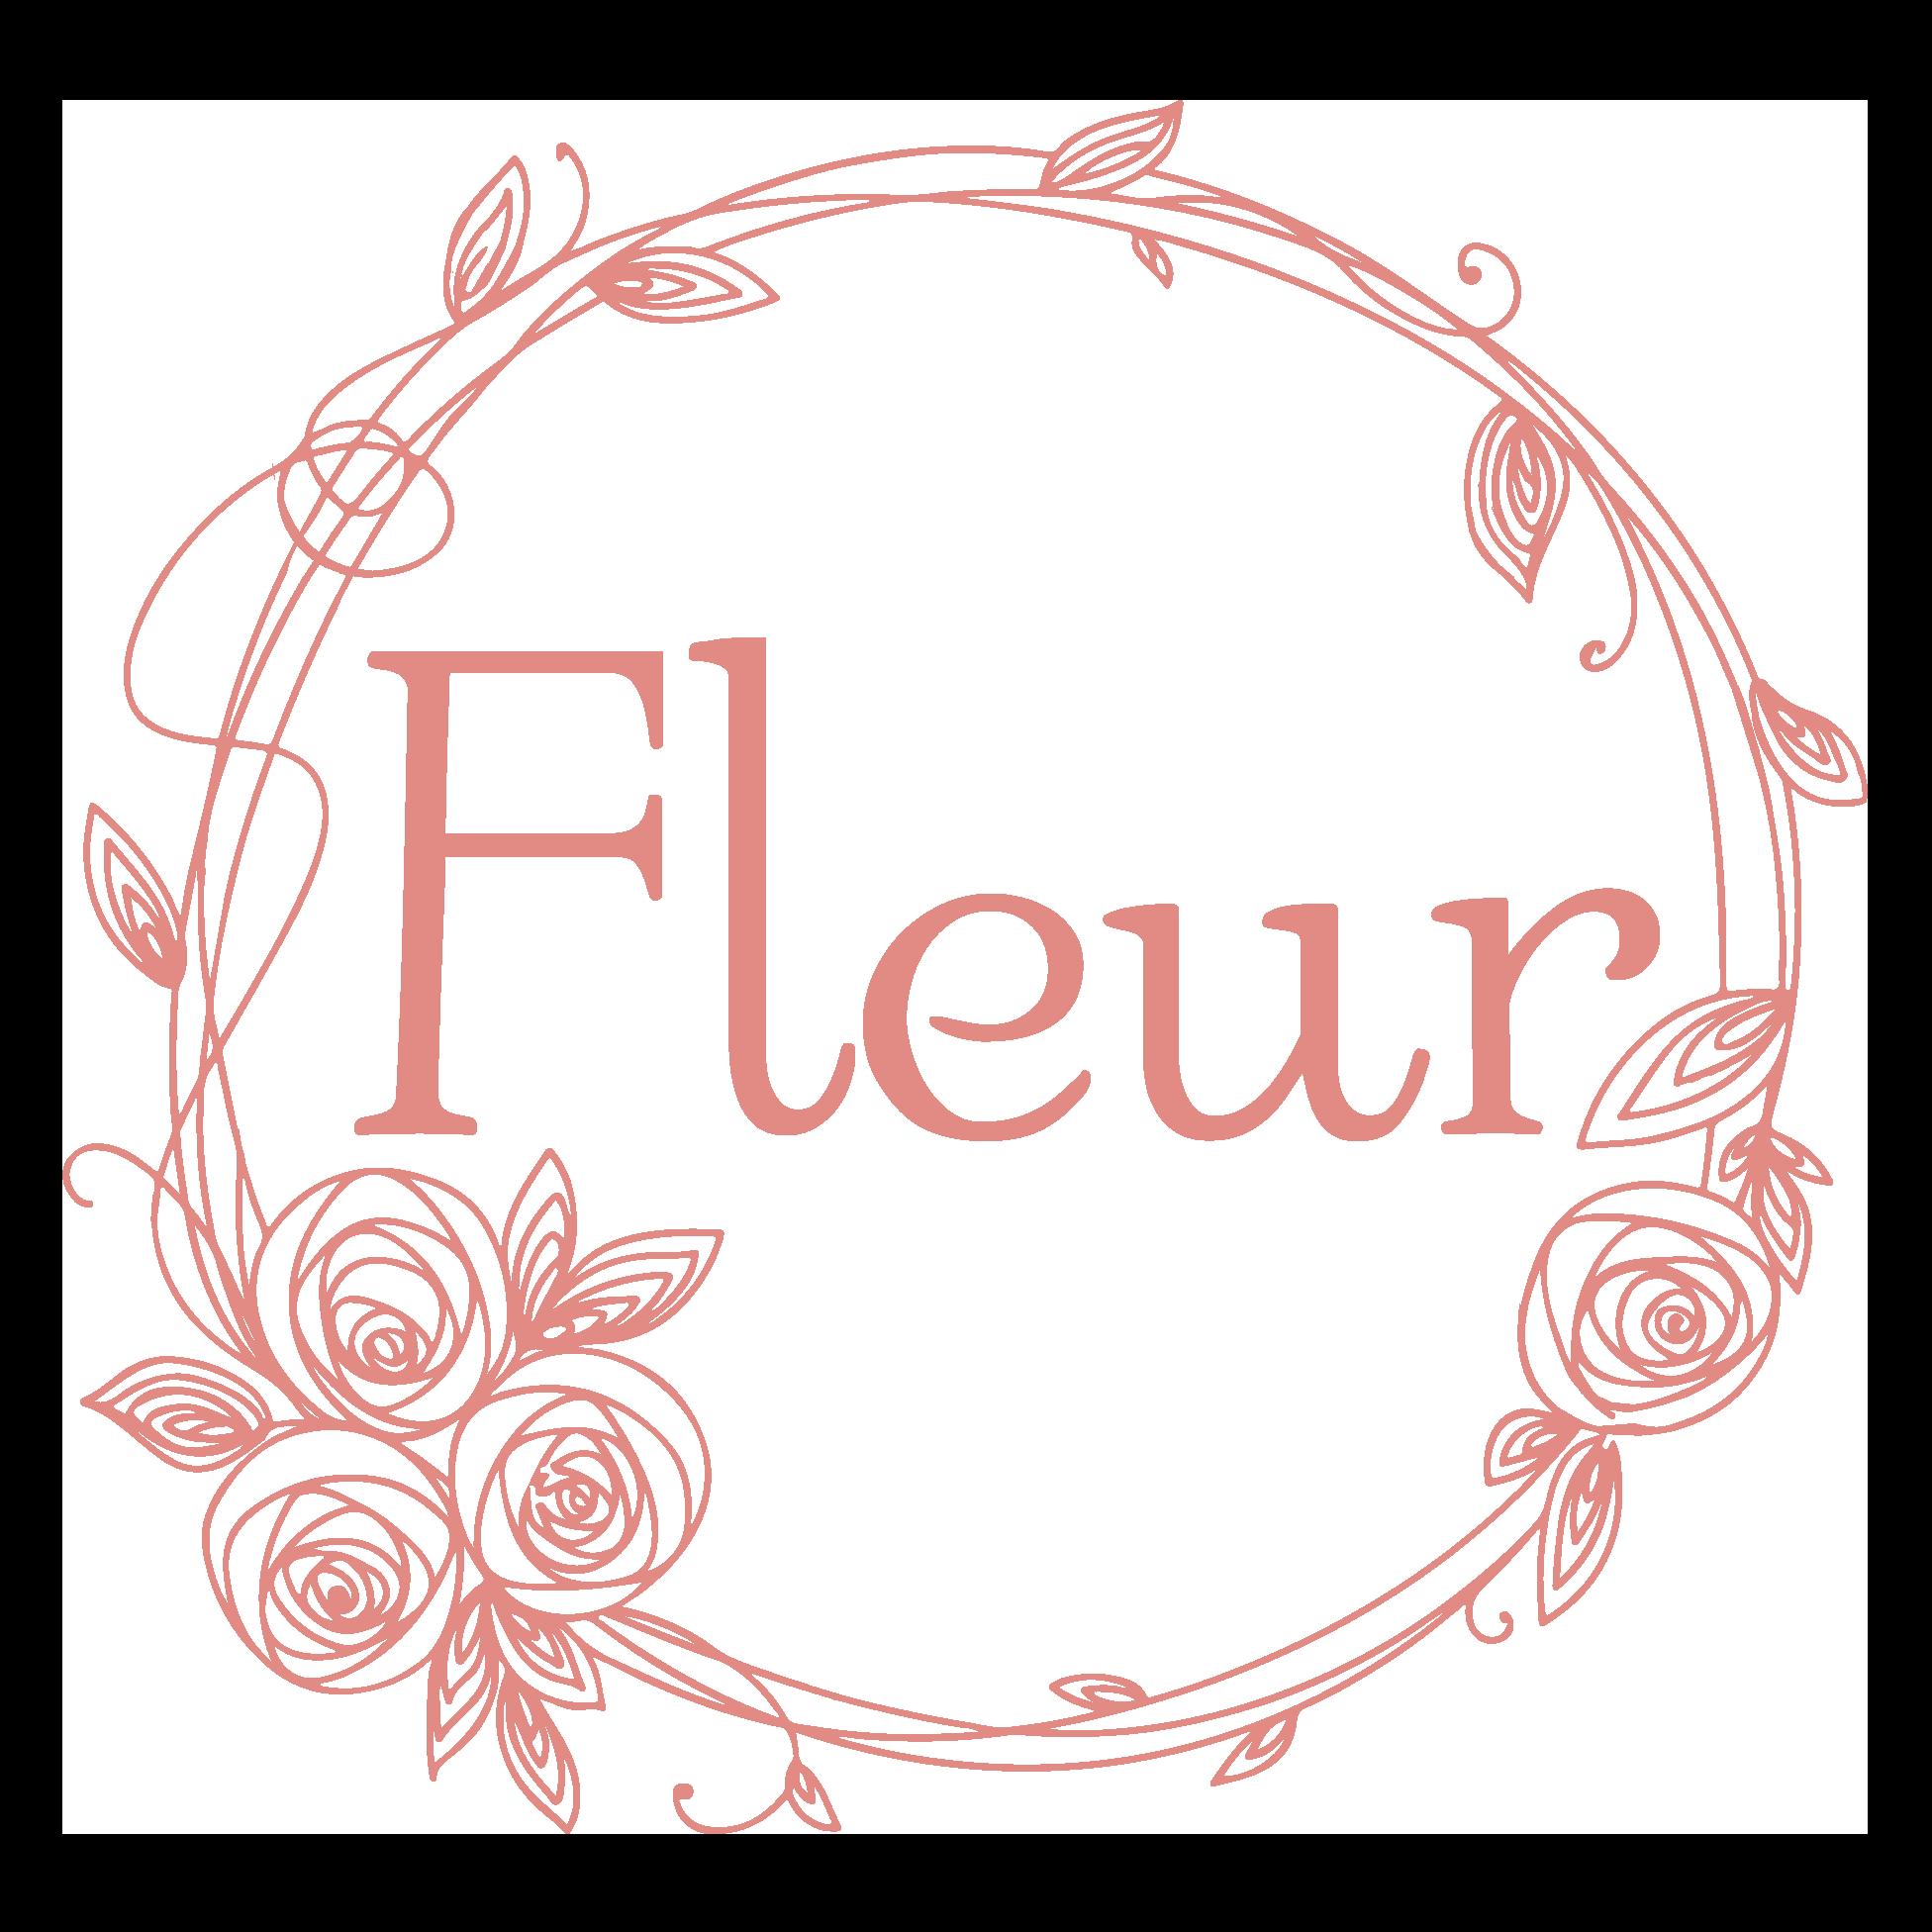 水素吸入と頭ほぐし専門サロン fleur(フルール)